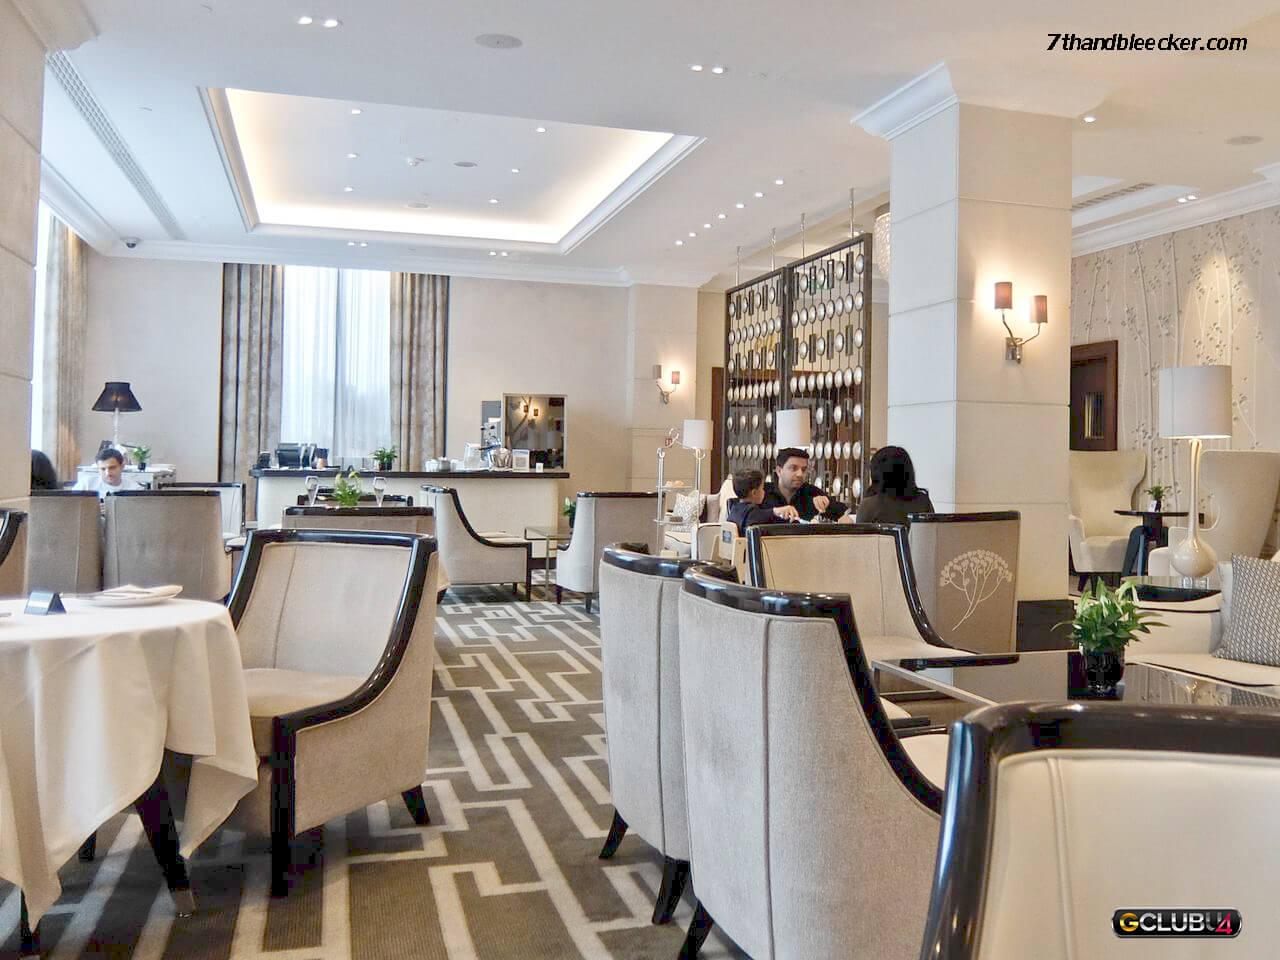 Royal Afternoon Tea ร้านอาหารที่น่าสนใจ